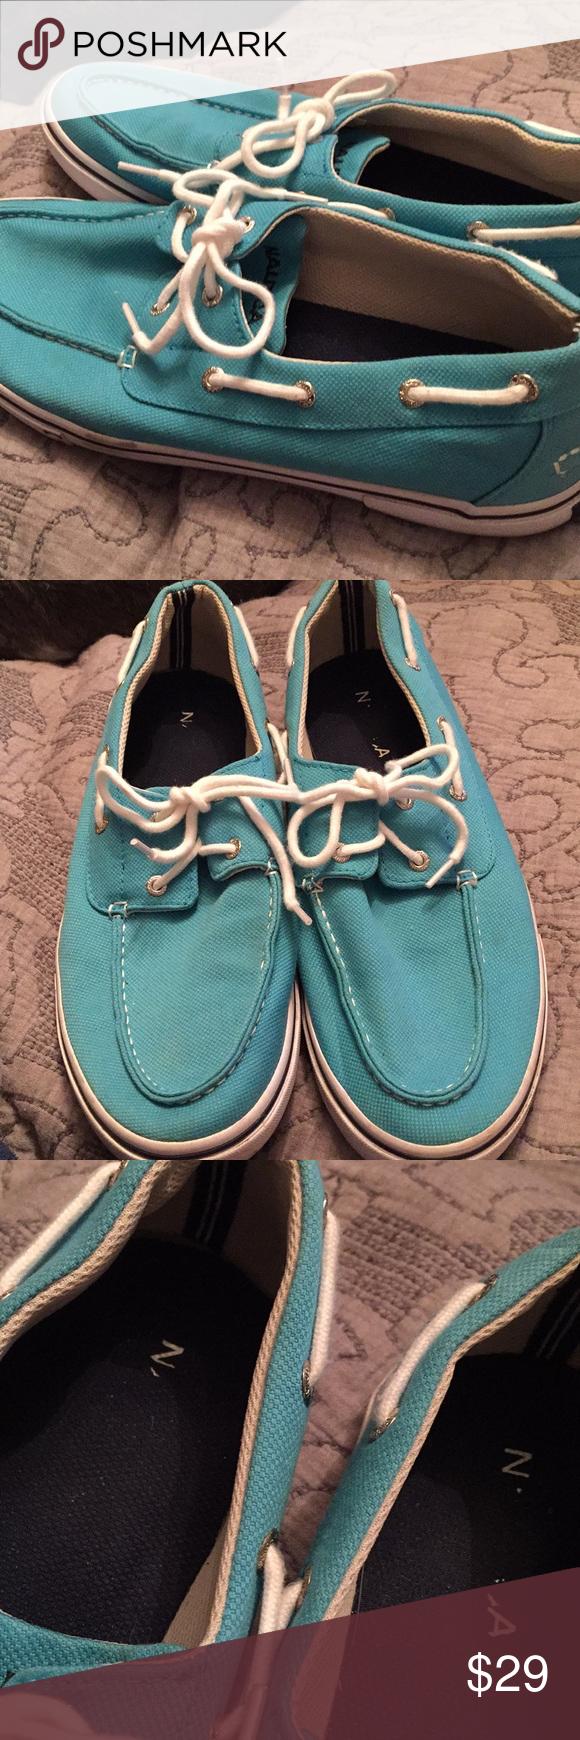 🆕Nautica Boat Shoes See pics! Nautica